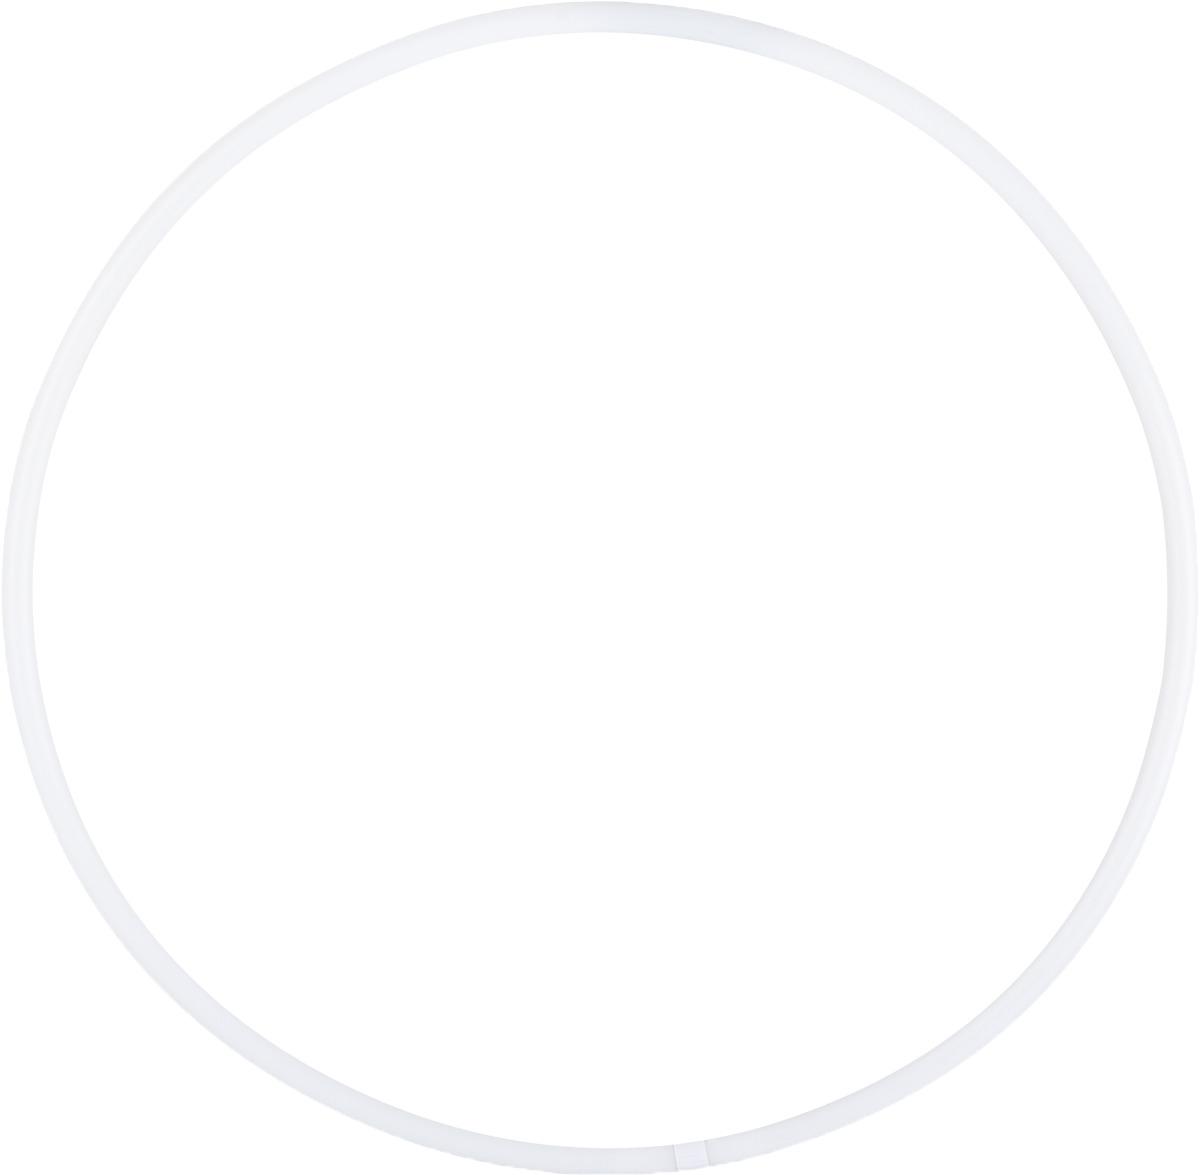 Обруч для художественной гимнастики Amely AGO-101, диаметр 70 см, цвет: белый мяч для художественной гимнастики amely agr 101 диаметр 15 см цвет синий белый